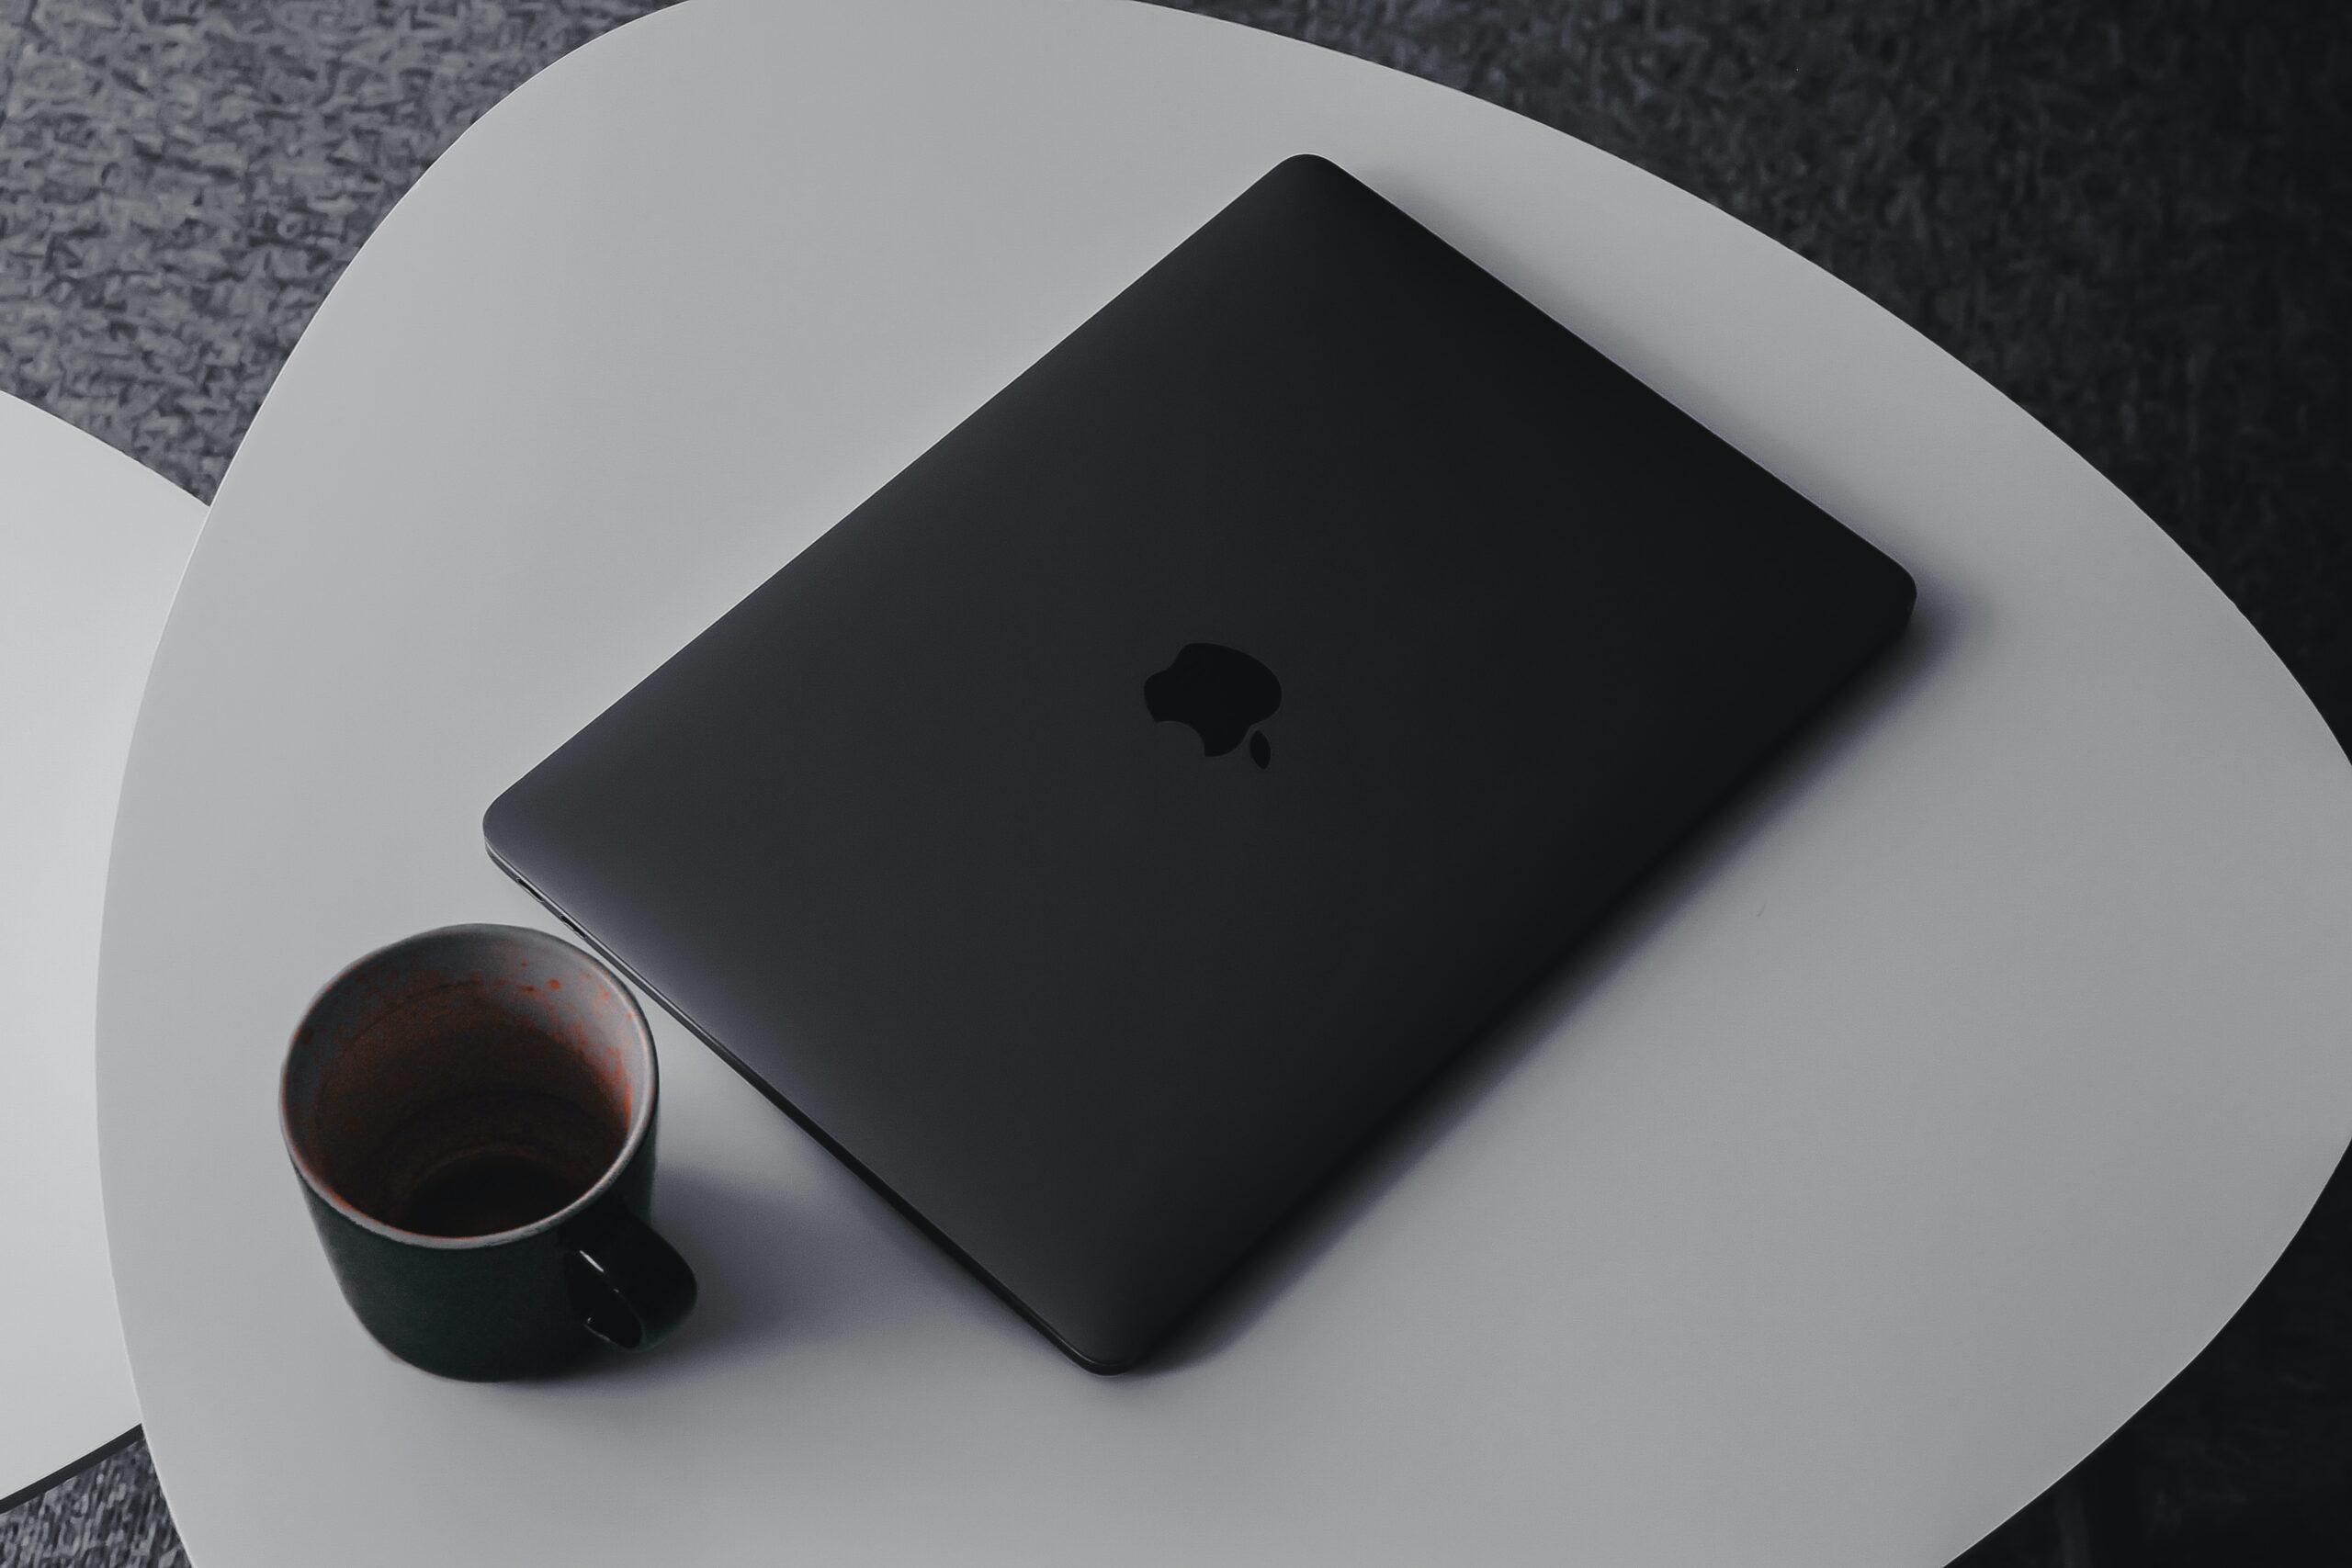 MacBook Pro com acabamento preto fosco